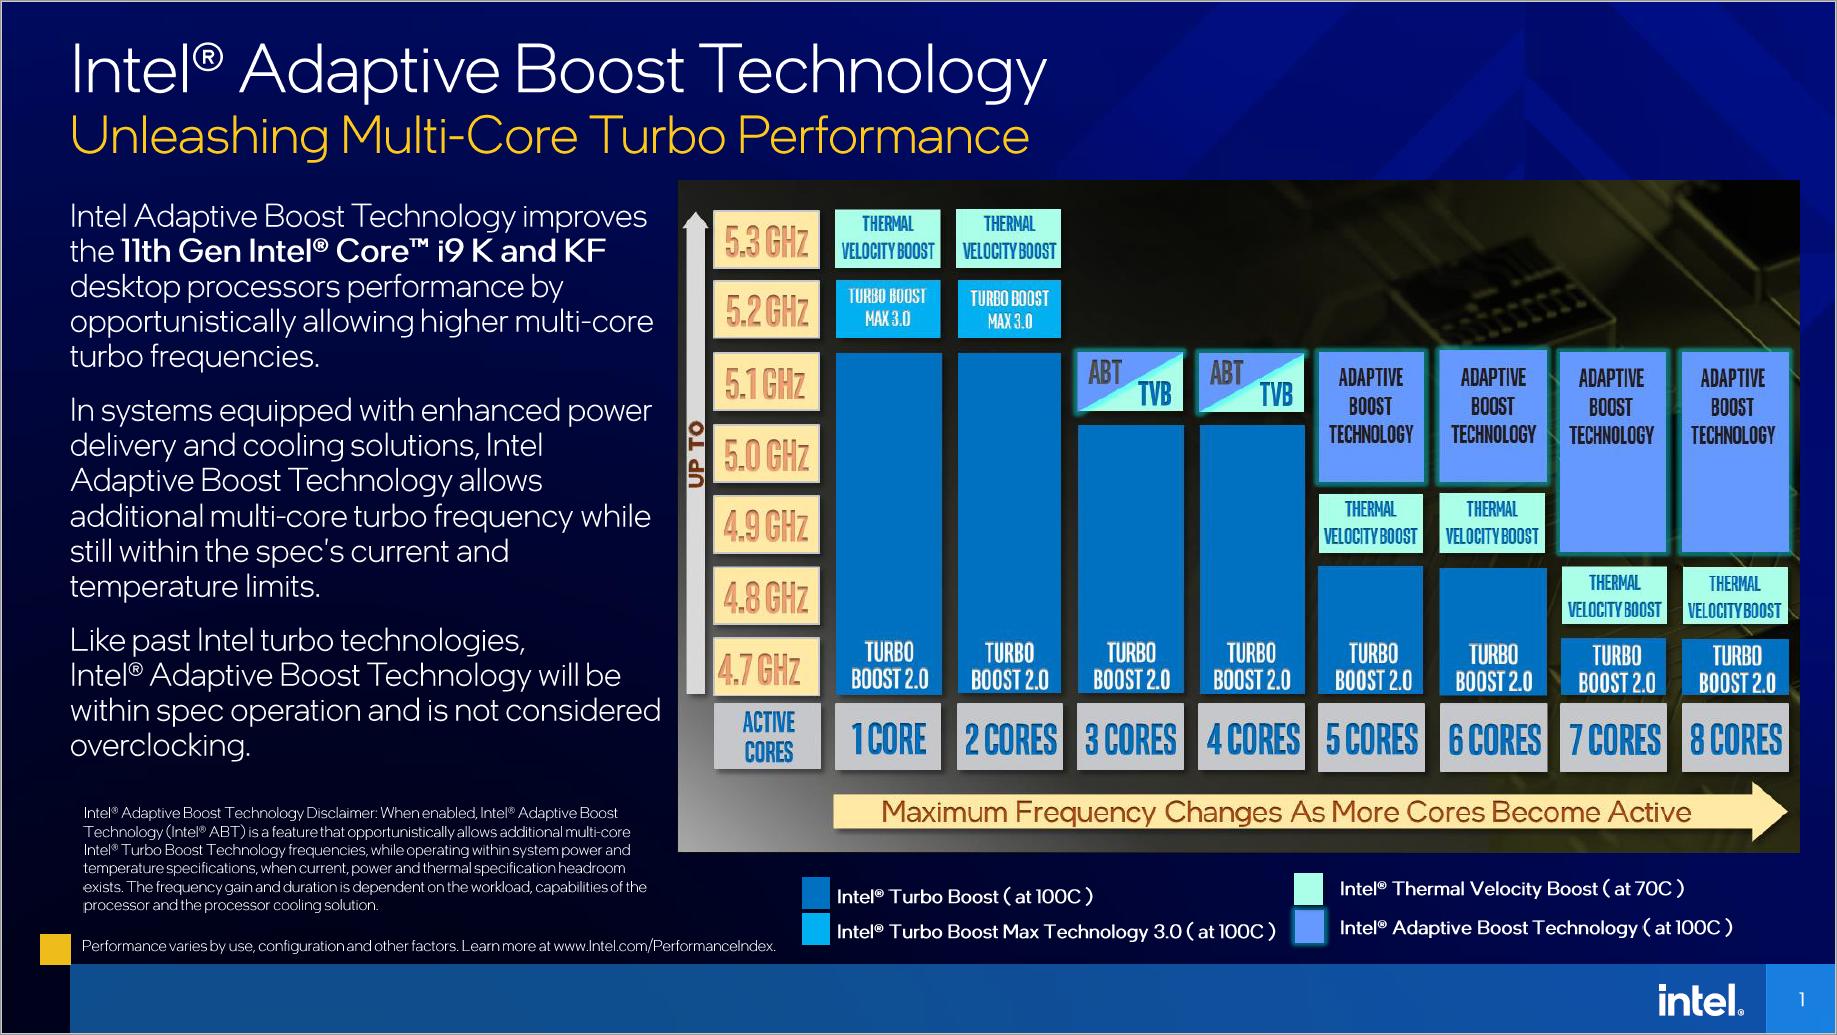 11th Gen Core: Das kann Intels Rocket Lake -